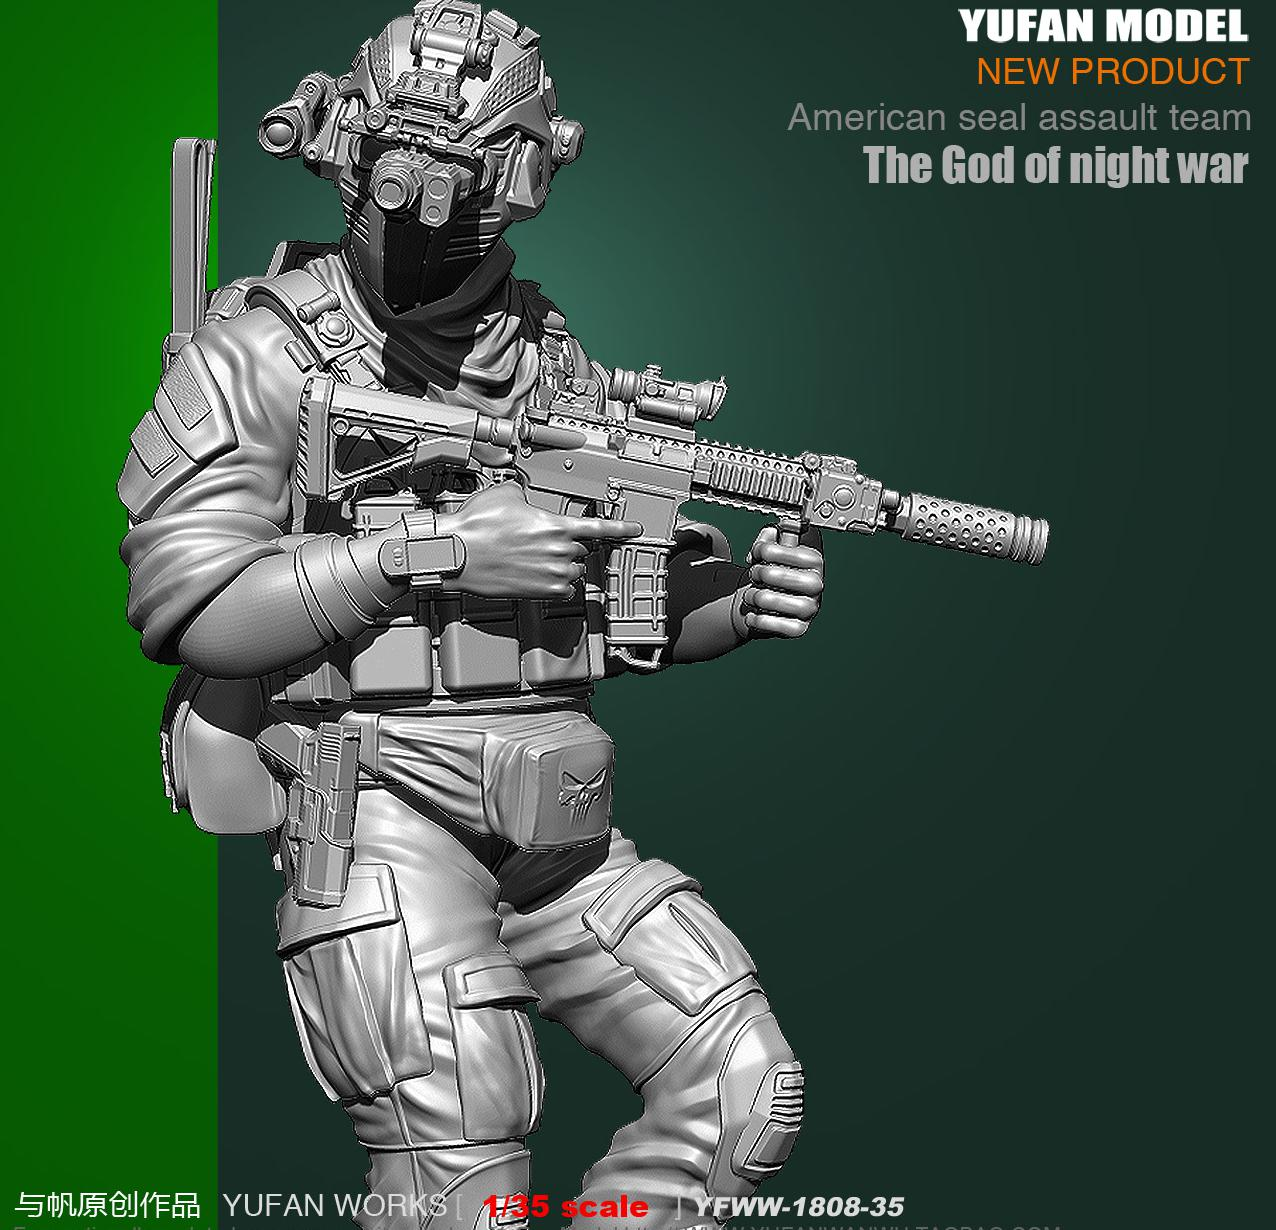 Yufan Model 1/35 Resin Soldier  Assembly Figura US Army YFWW35-1808